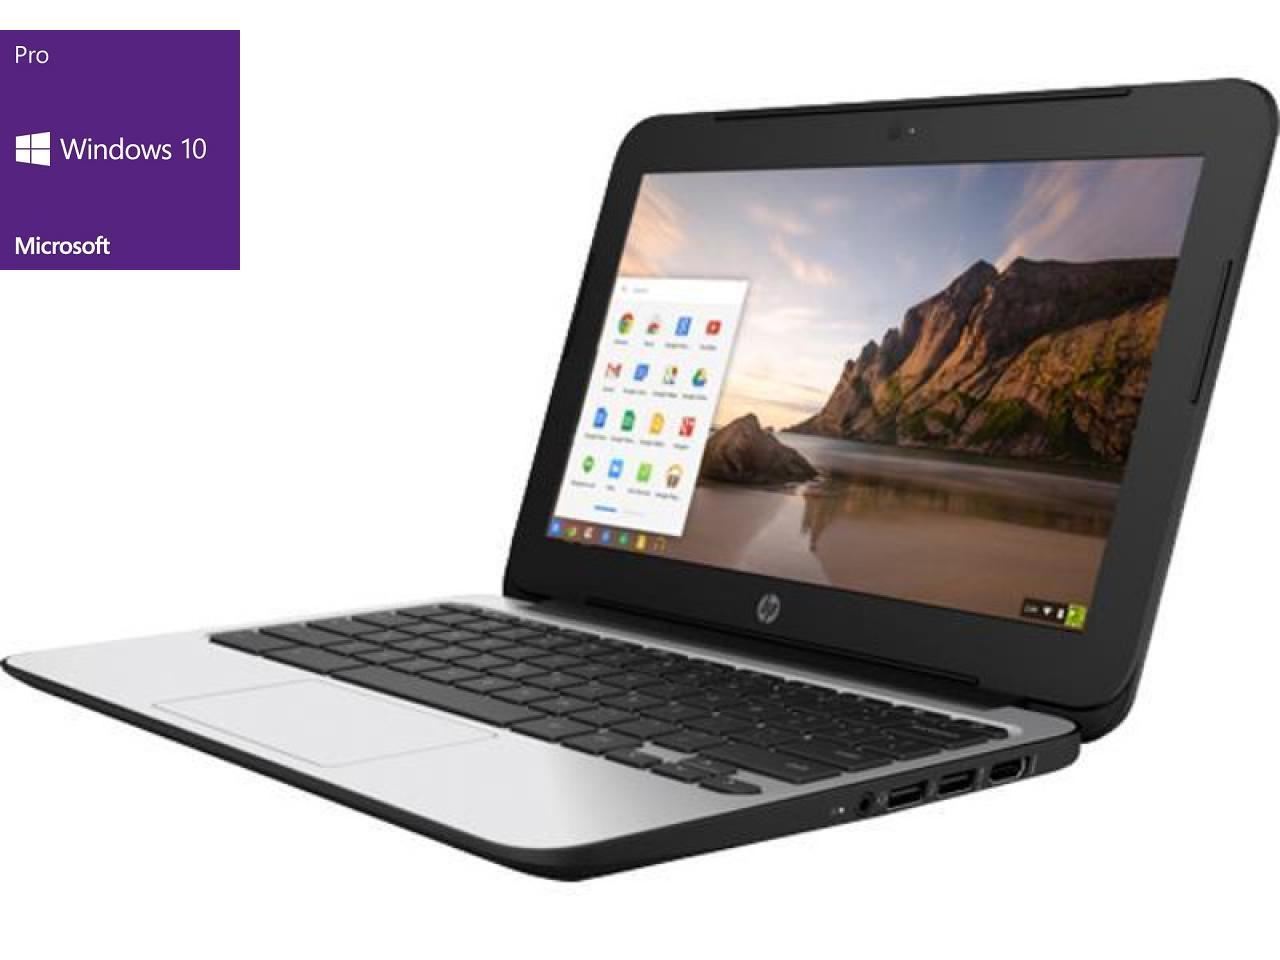 Hewlett Packard ProBook 640 G2  - shop.bb-net.de